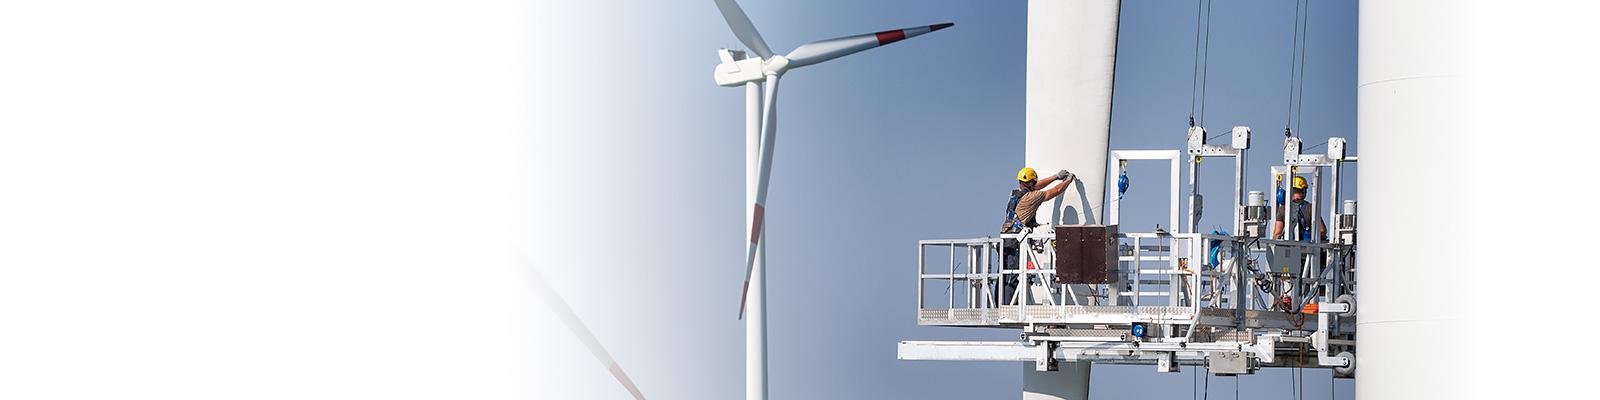 風力発電 メンテナンス スタッフ イメージ